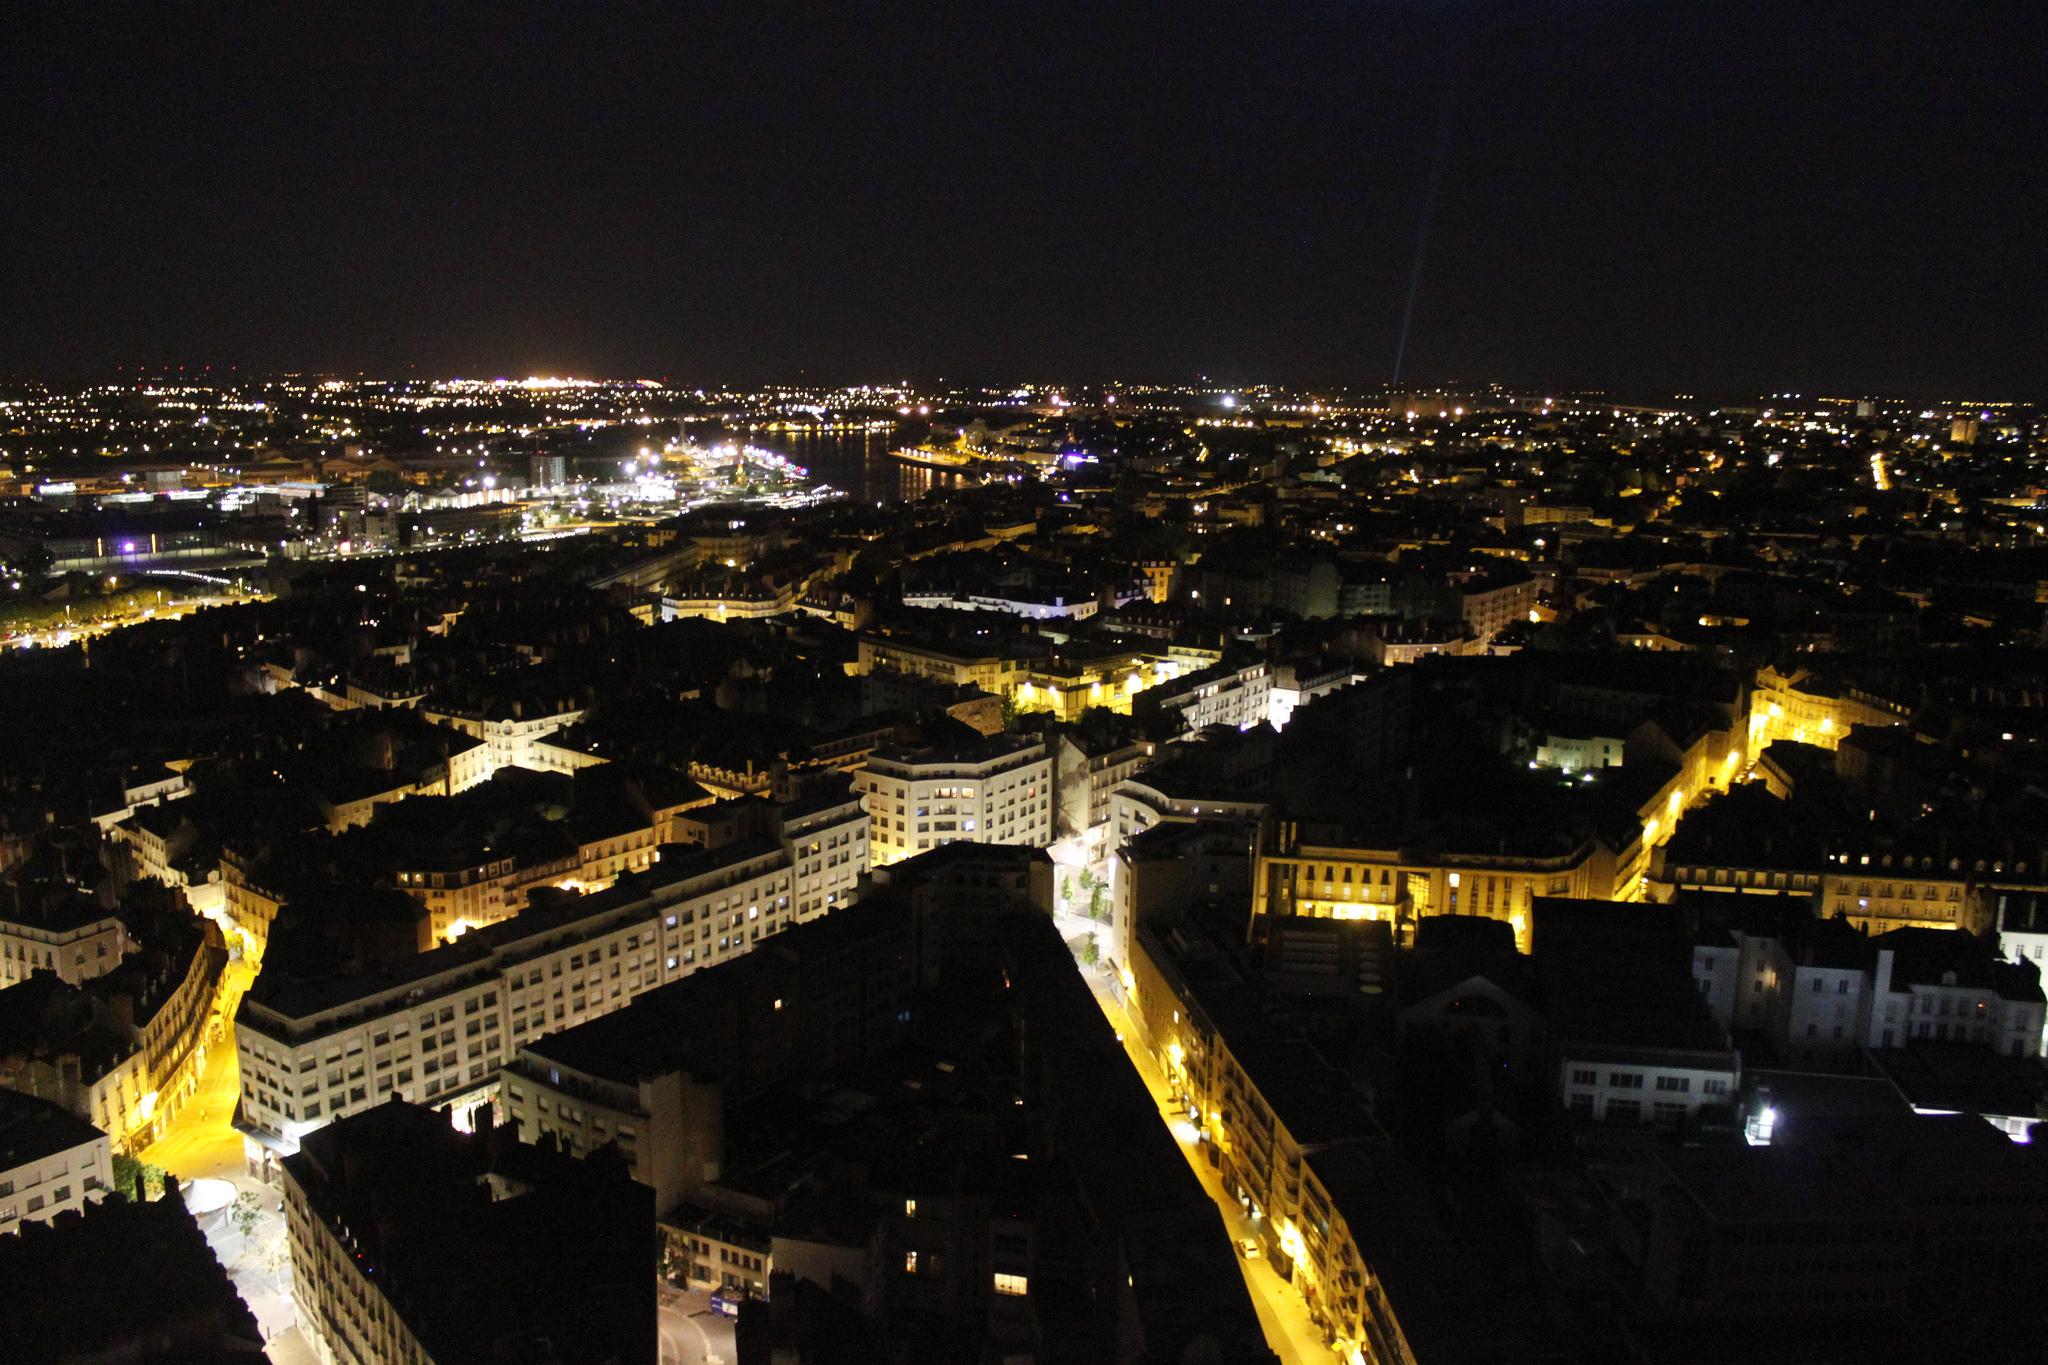 Nantes du nid |© Olivier Letourneux/Flickr